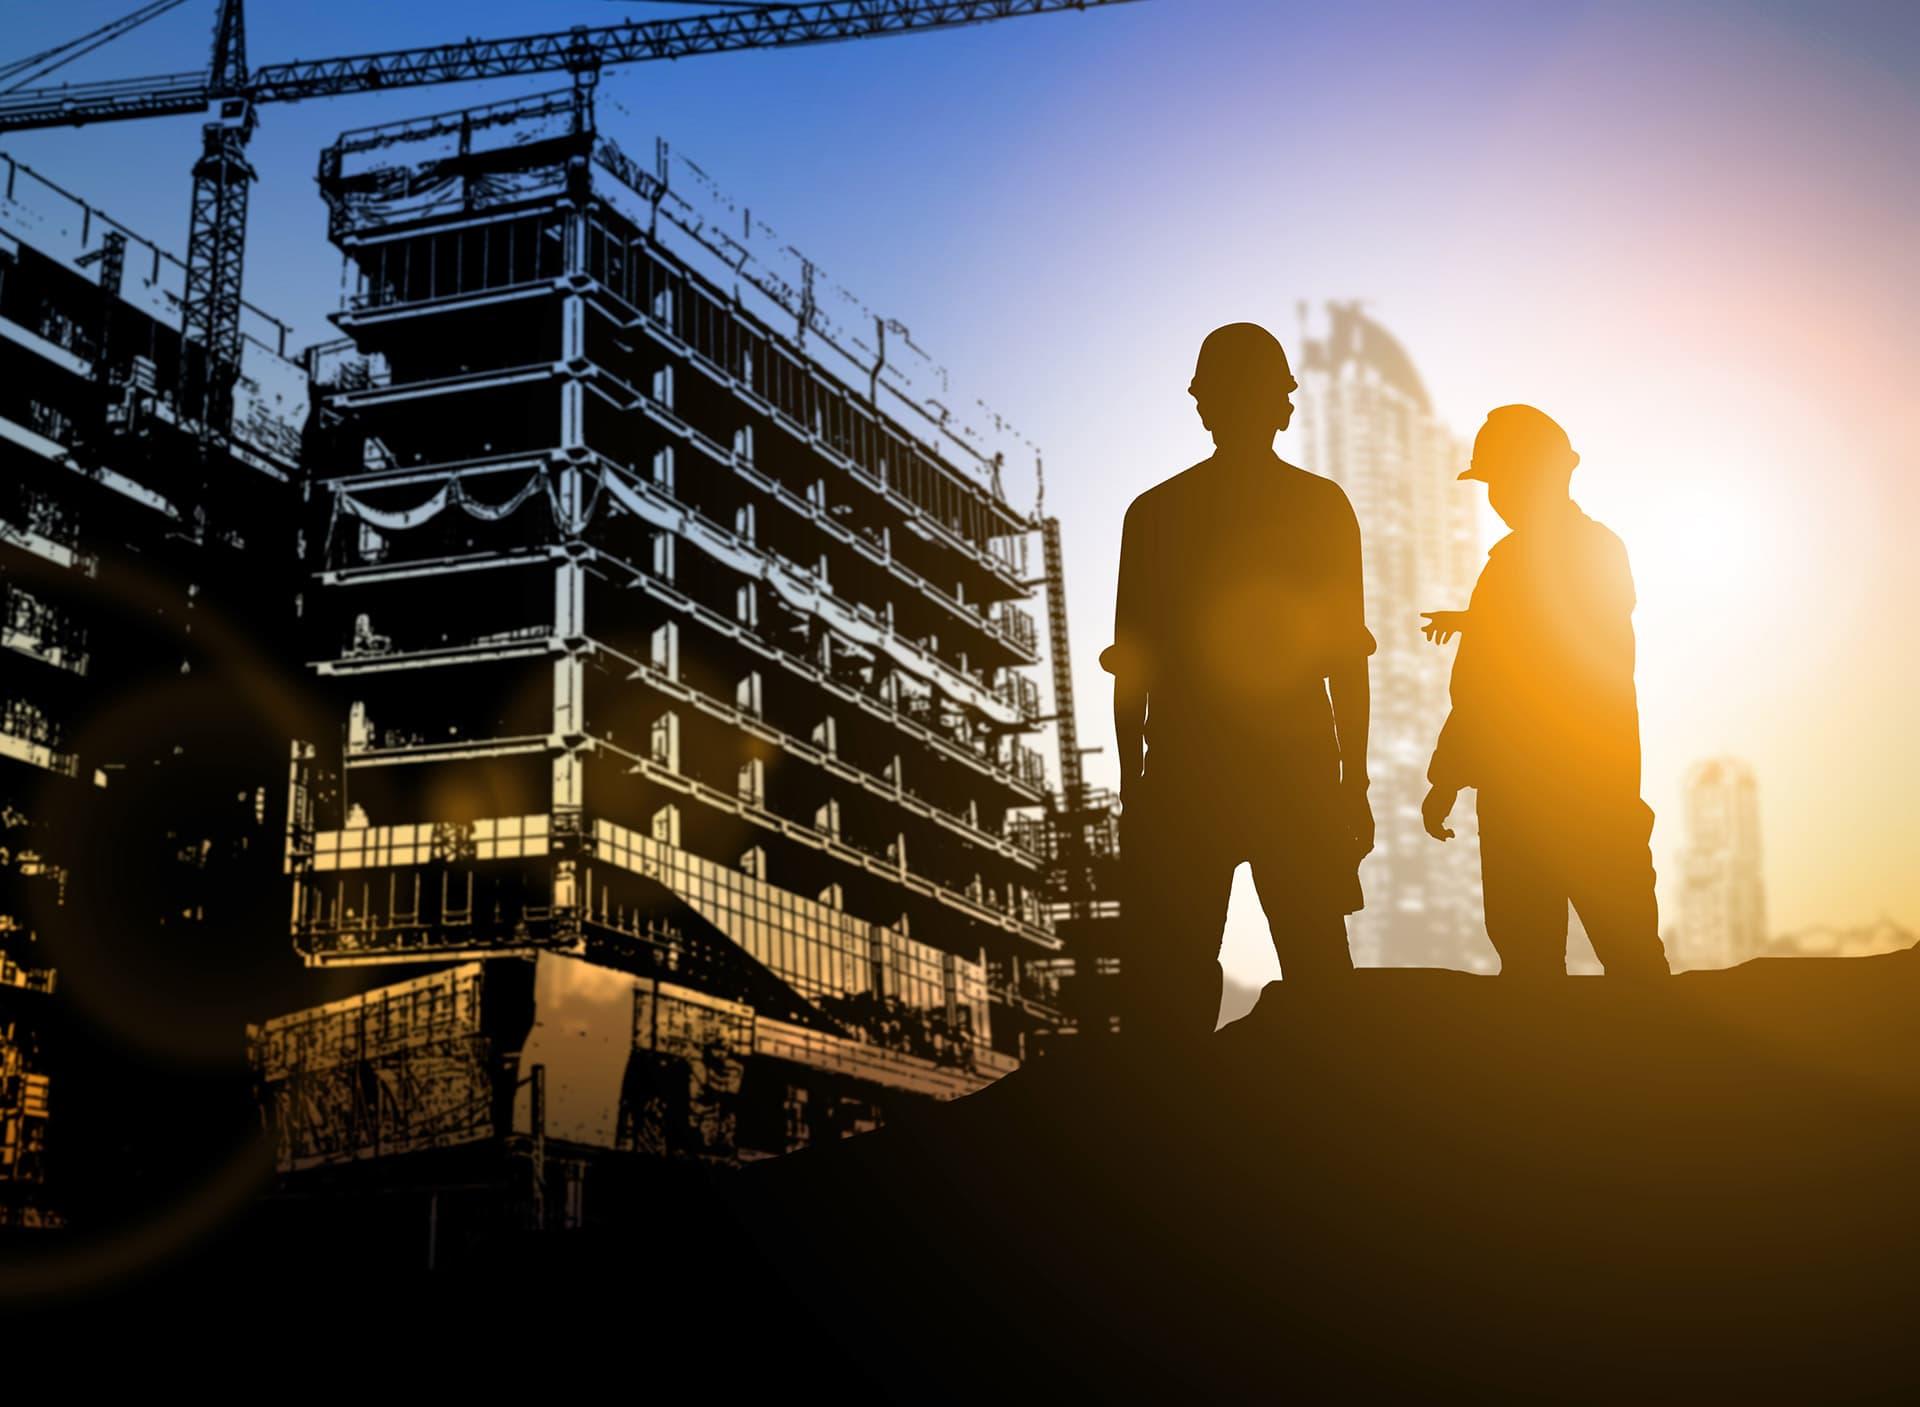 Real Estate Construction : Real estate construction techniques